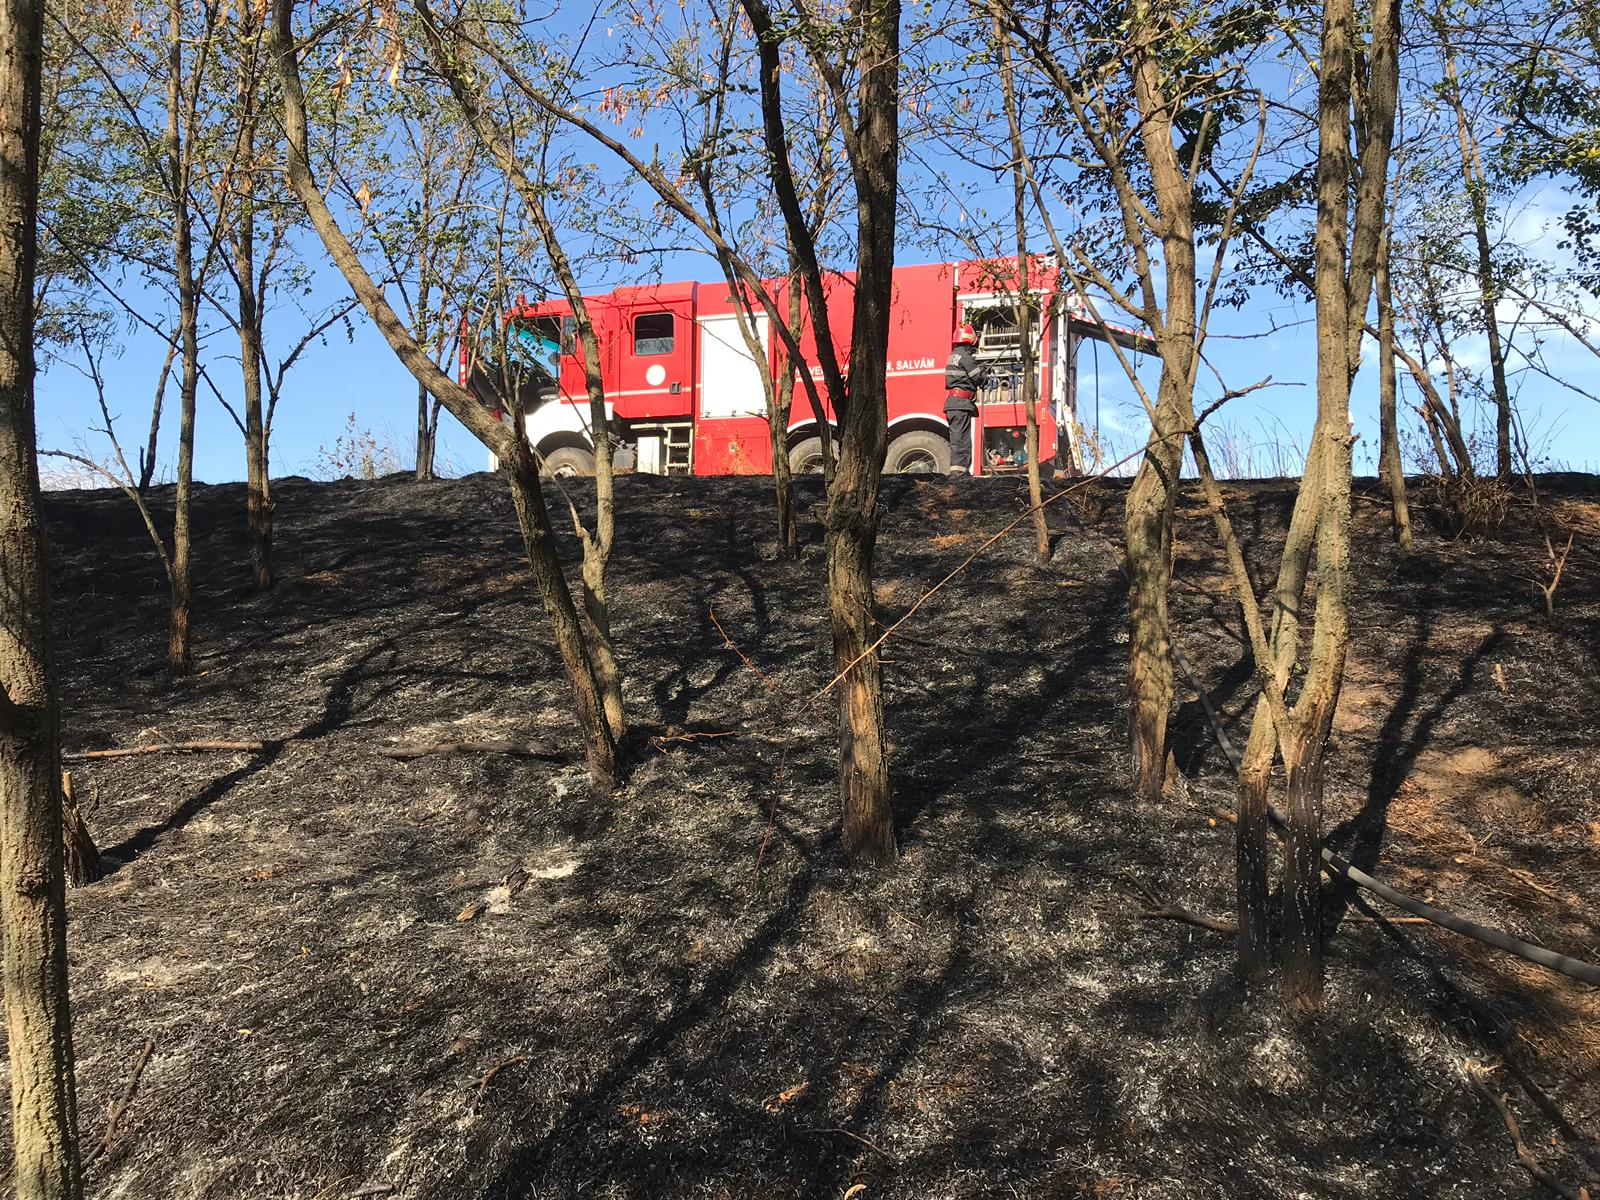 La Ţigăneşti, arde pădurea! Zeci de pompieri şi oameni din localitate acţionează pentru lichidarea focului